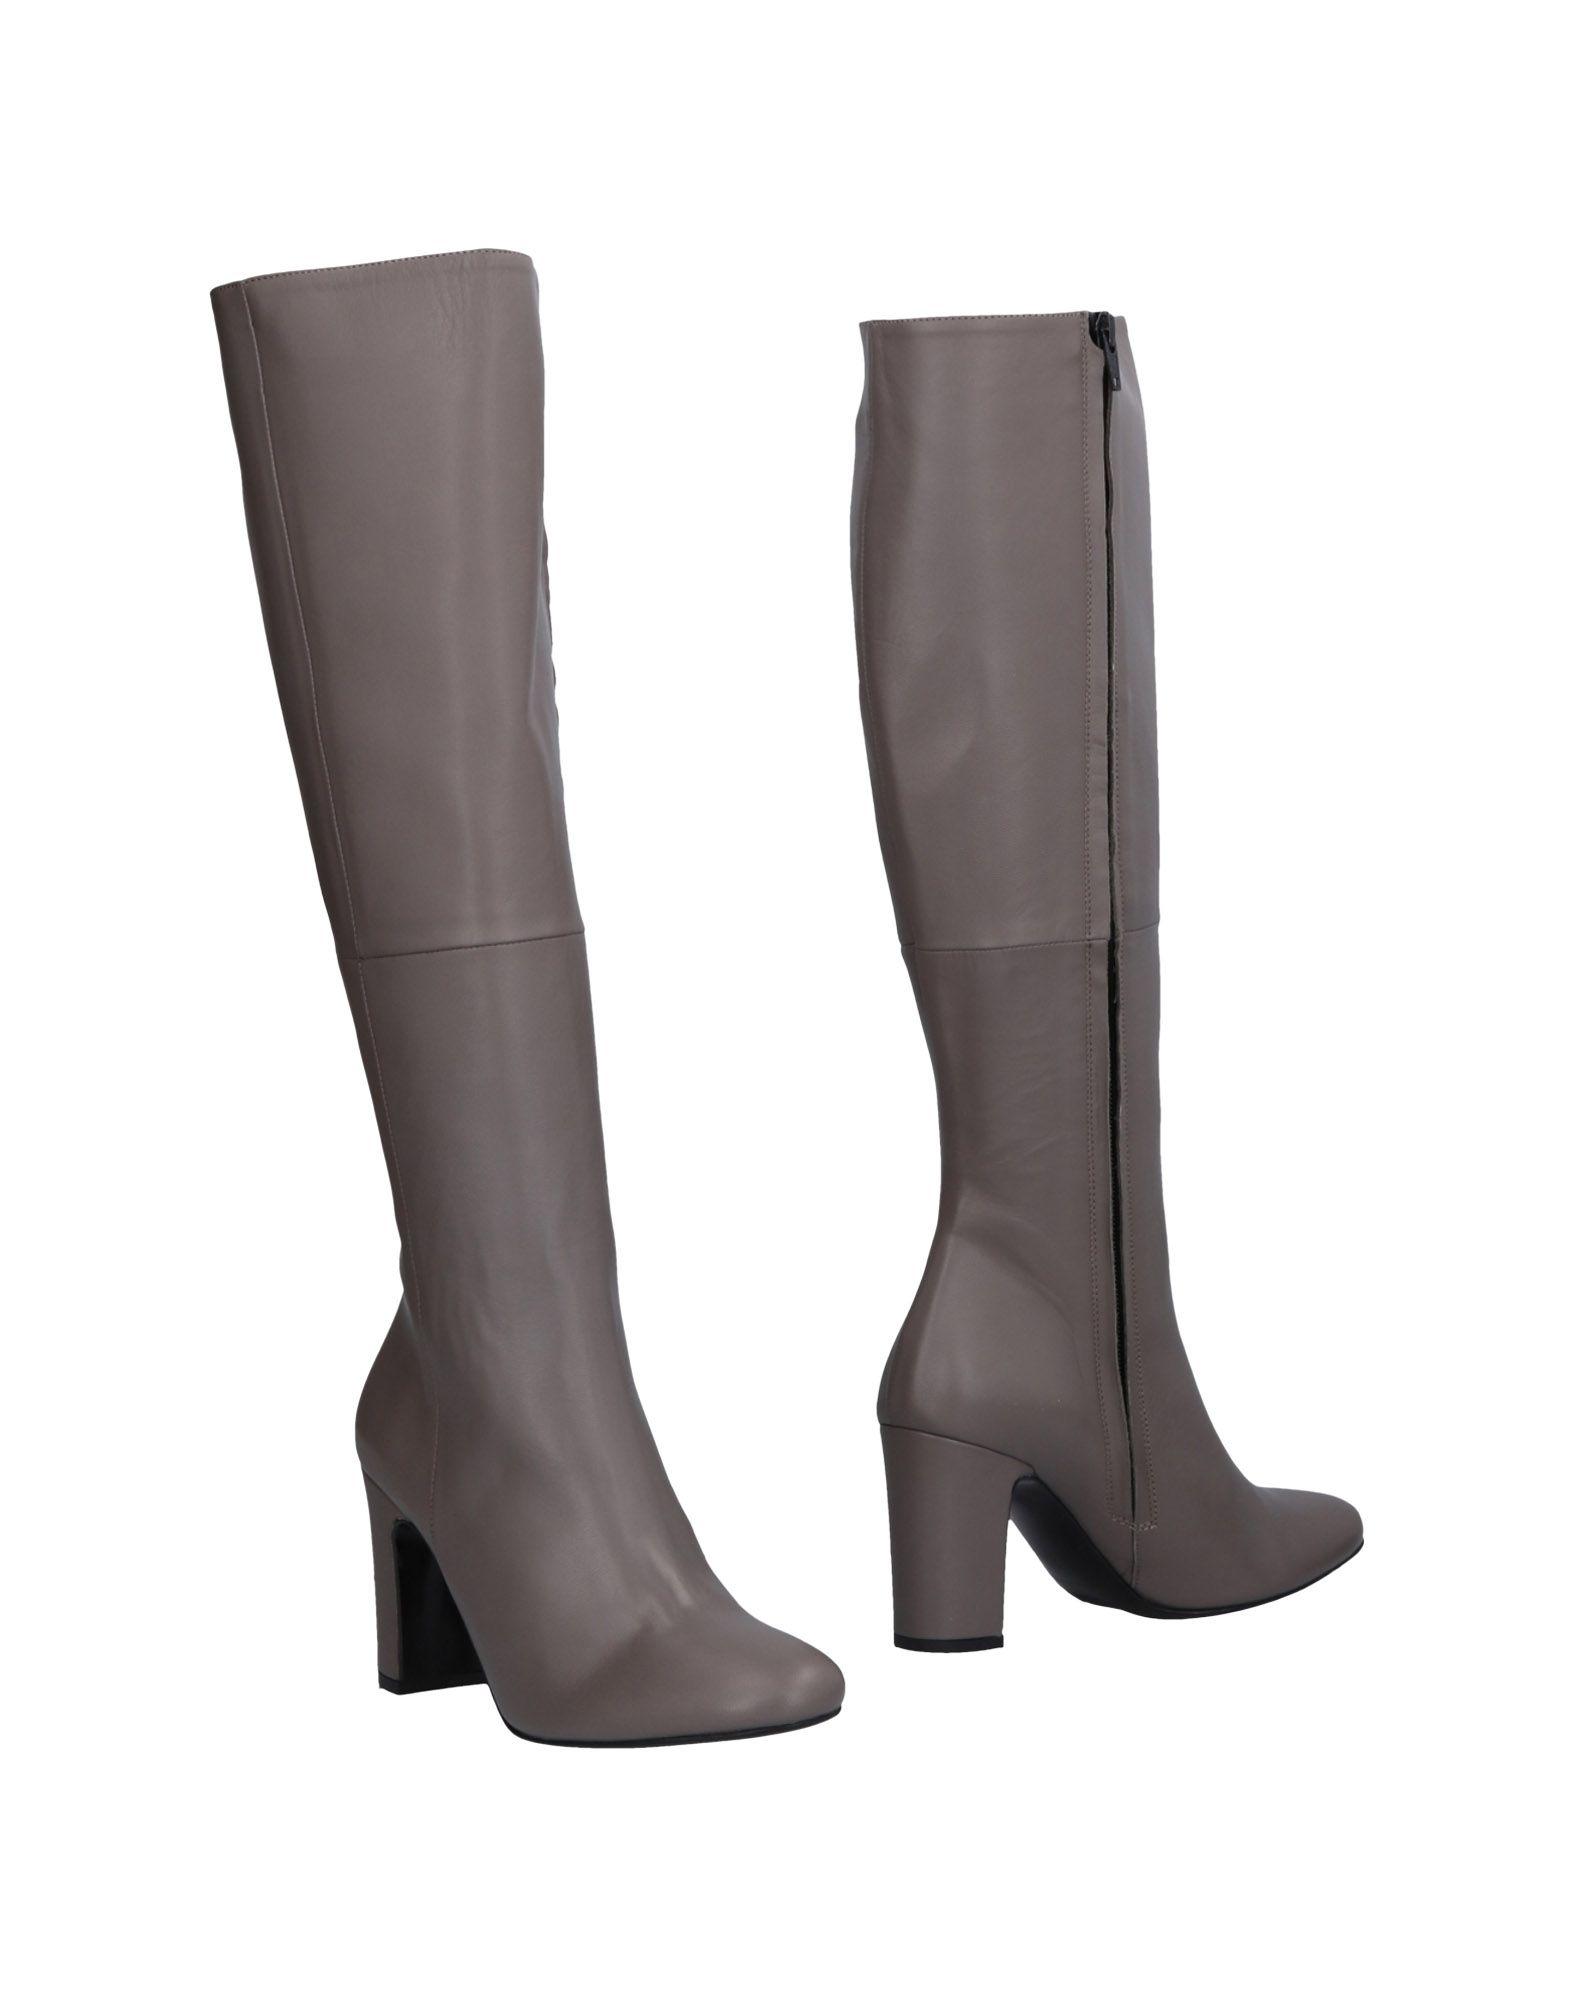 Islo Isabella Lorusso Stiefel Damen  11471357GB Neue Schuhe